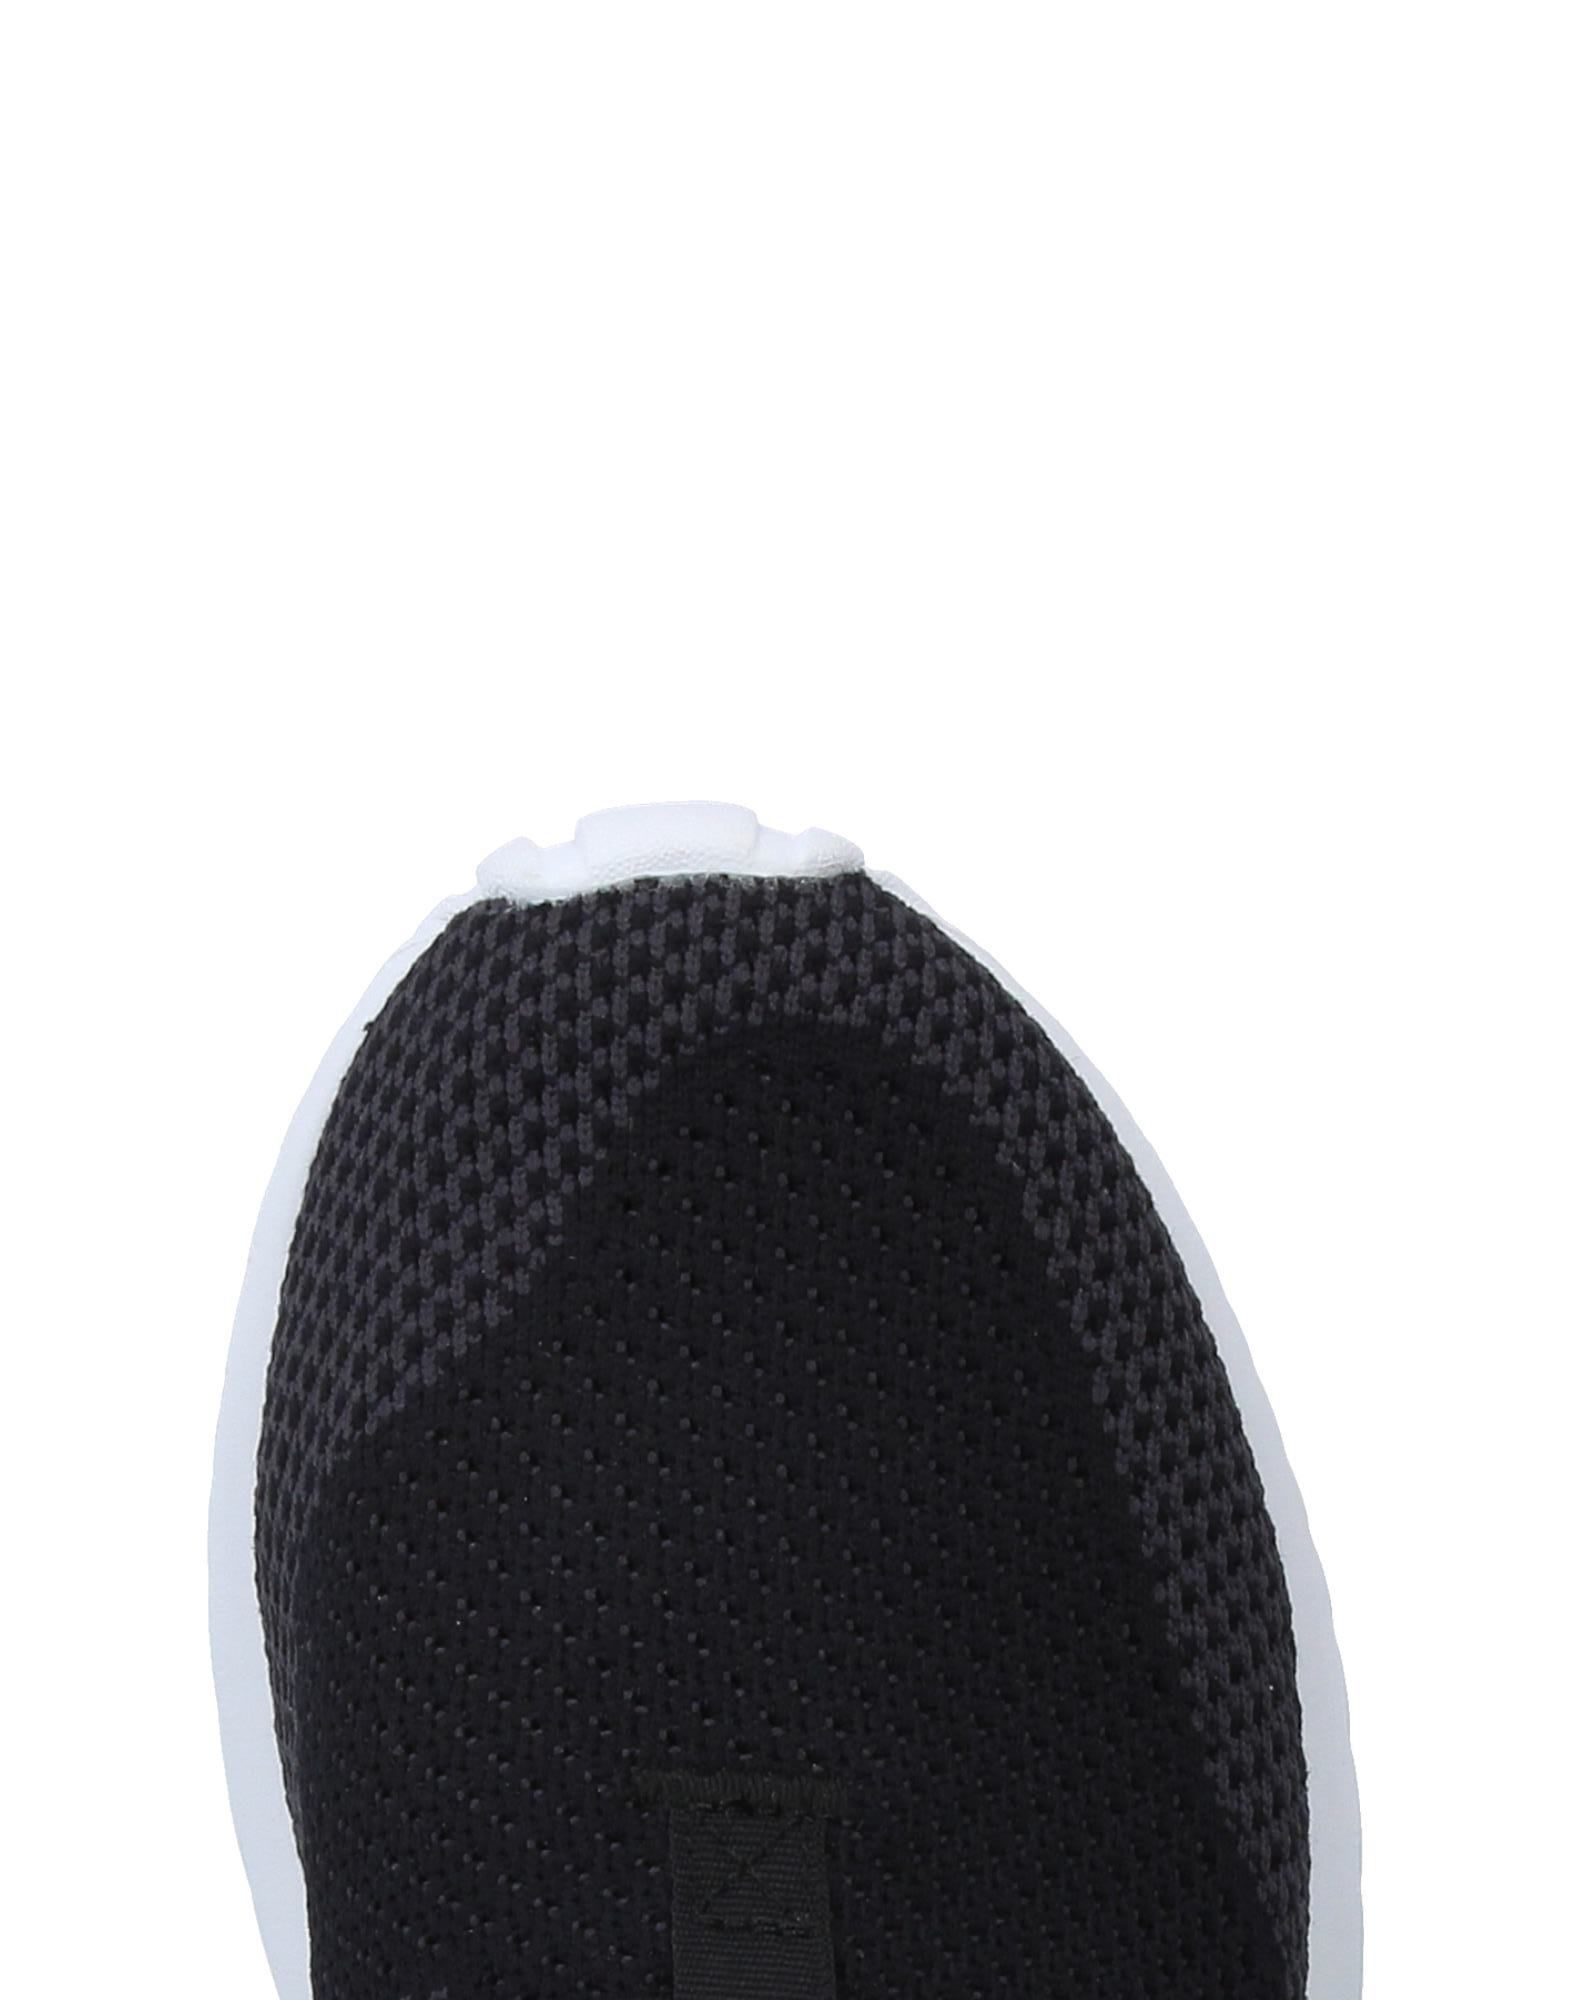 Rabatt echte Sneakers Schuhe Adidas Originals Sneakers echte Herren  11231354VN 4bee5f